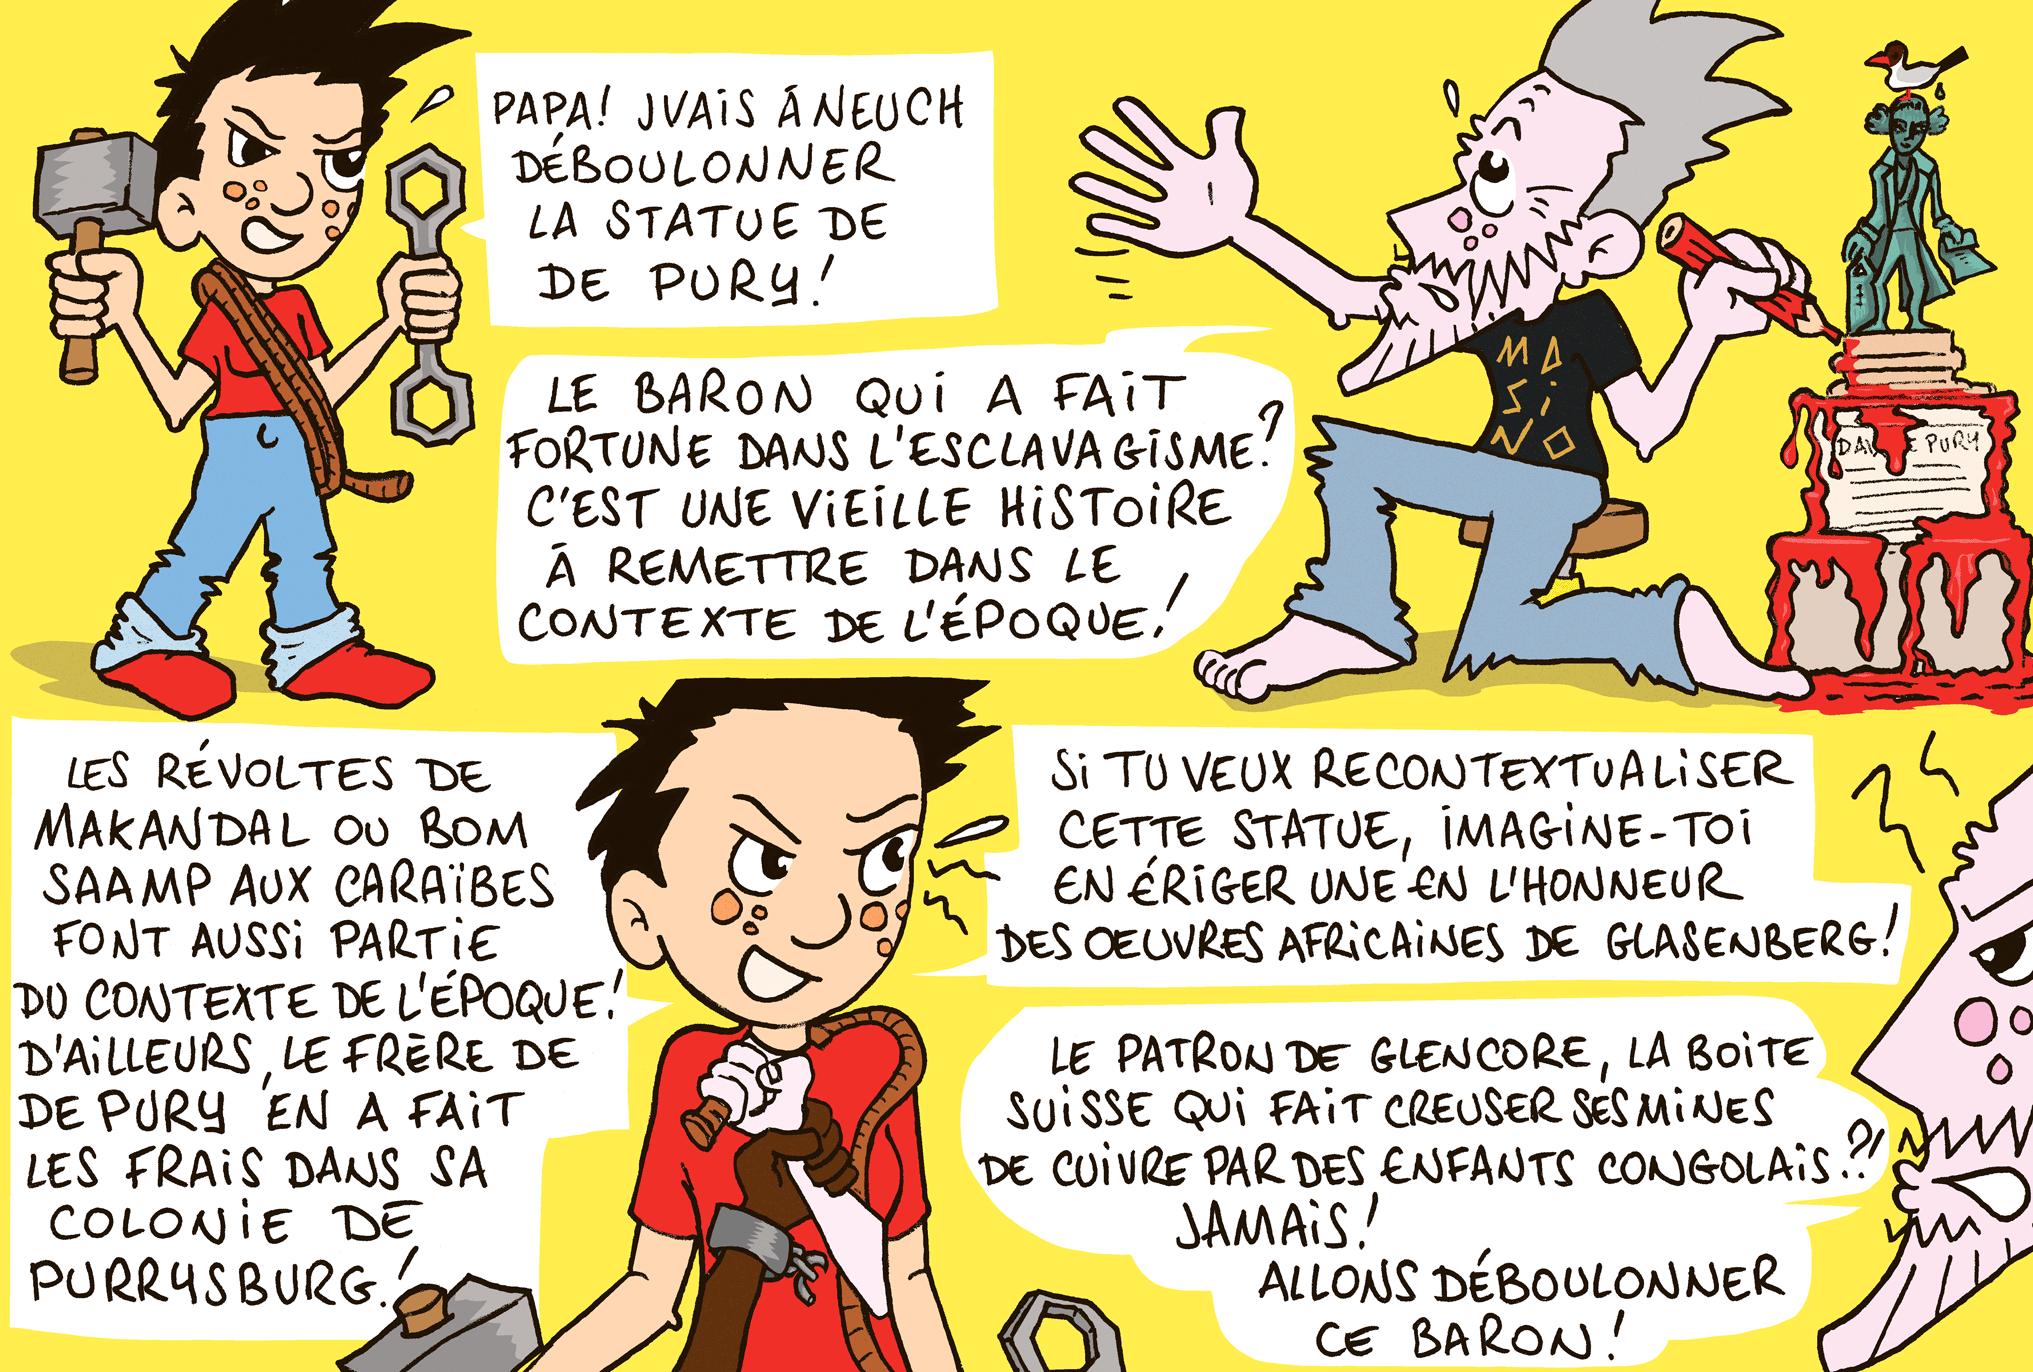 Dessin humoristique de Masino: faut-il déboulonner la statue de De Pury?